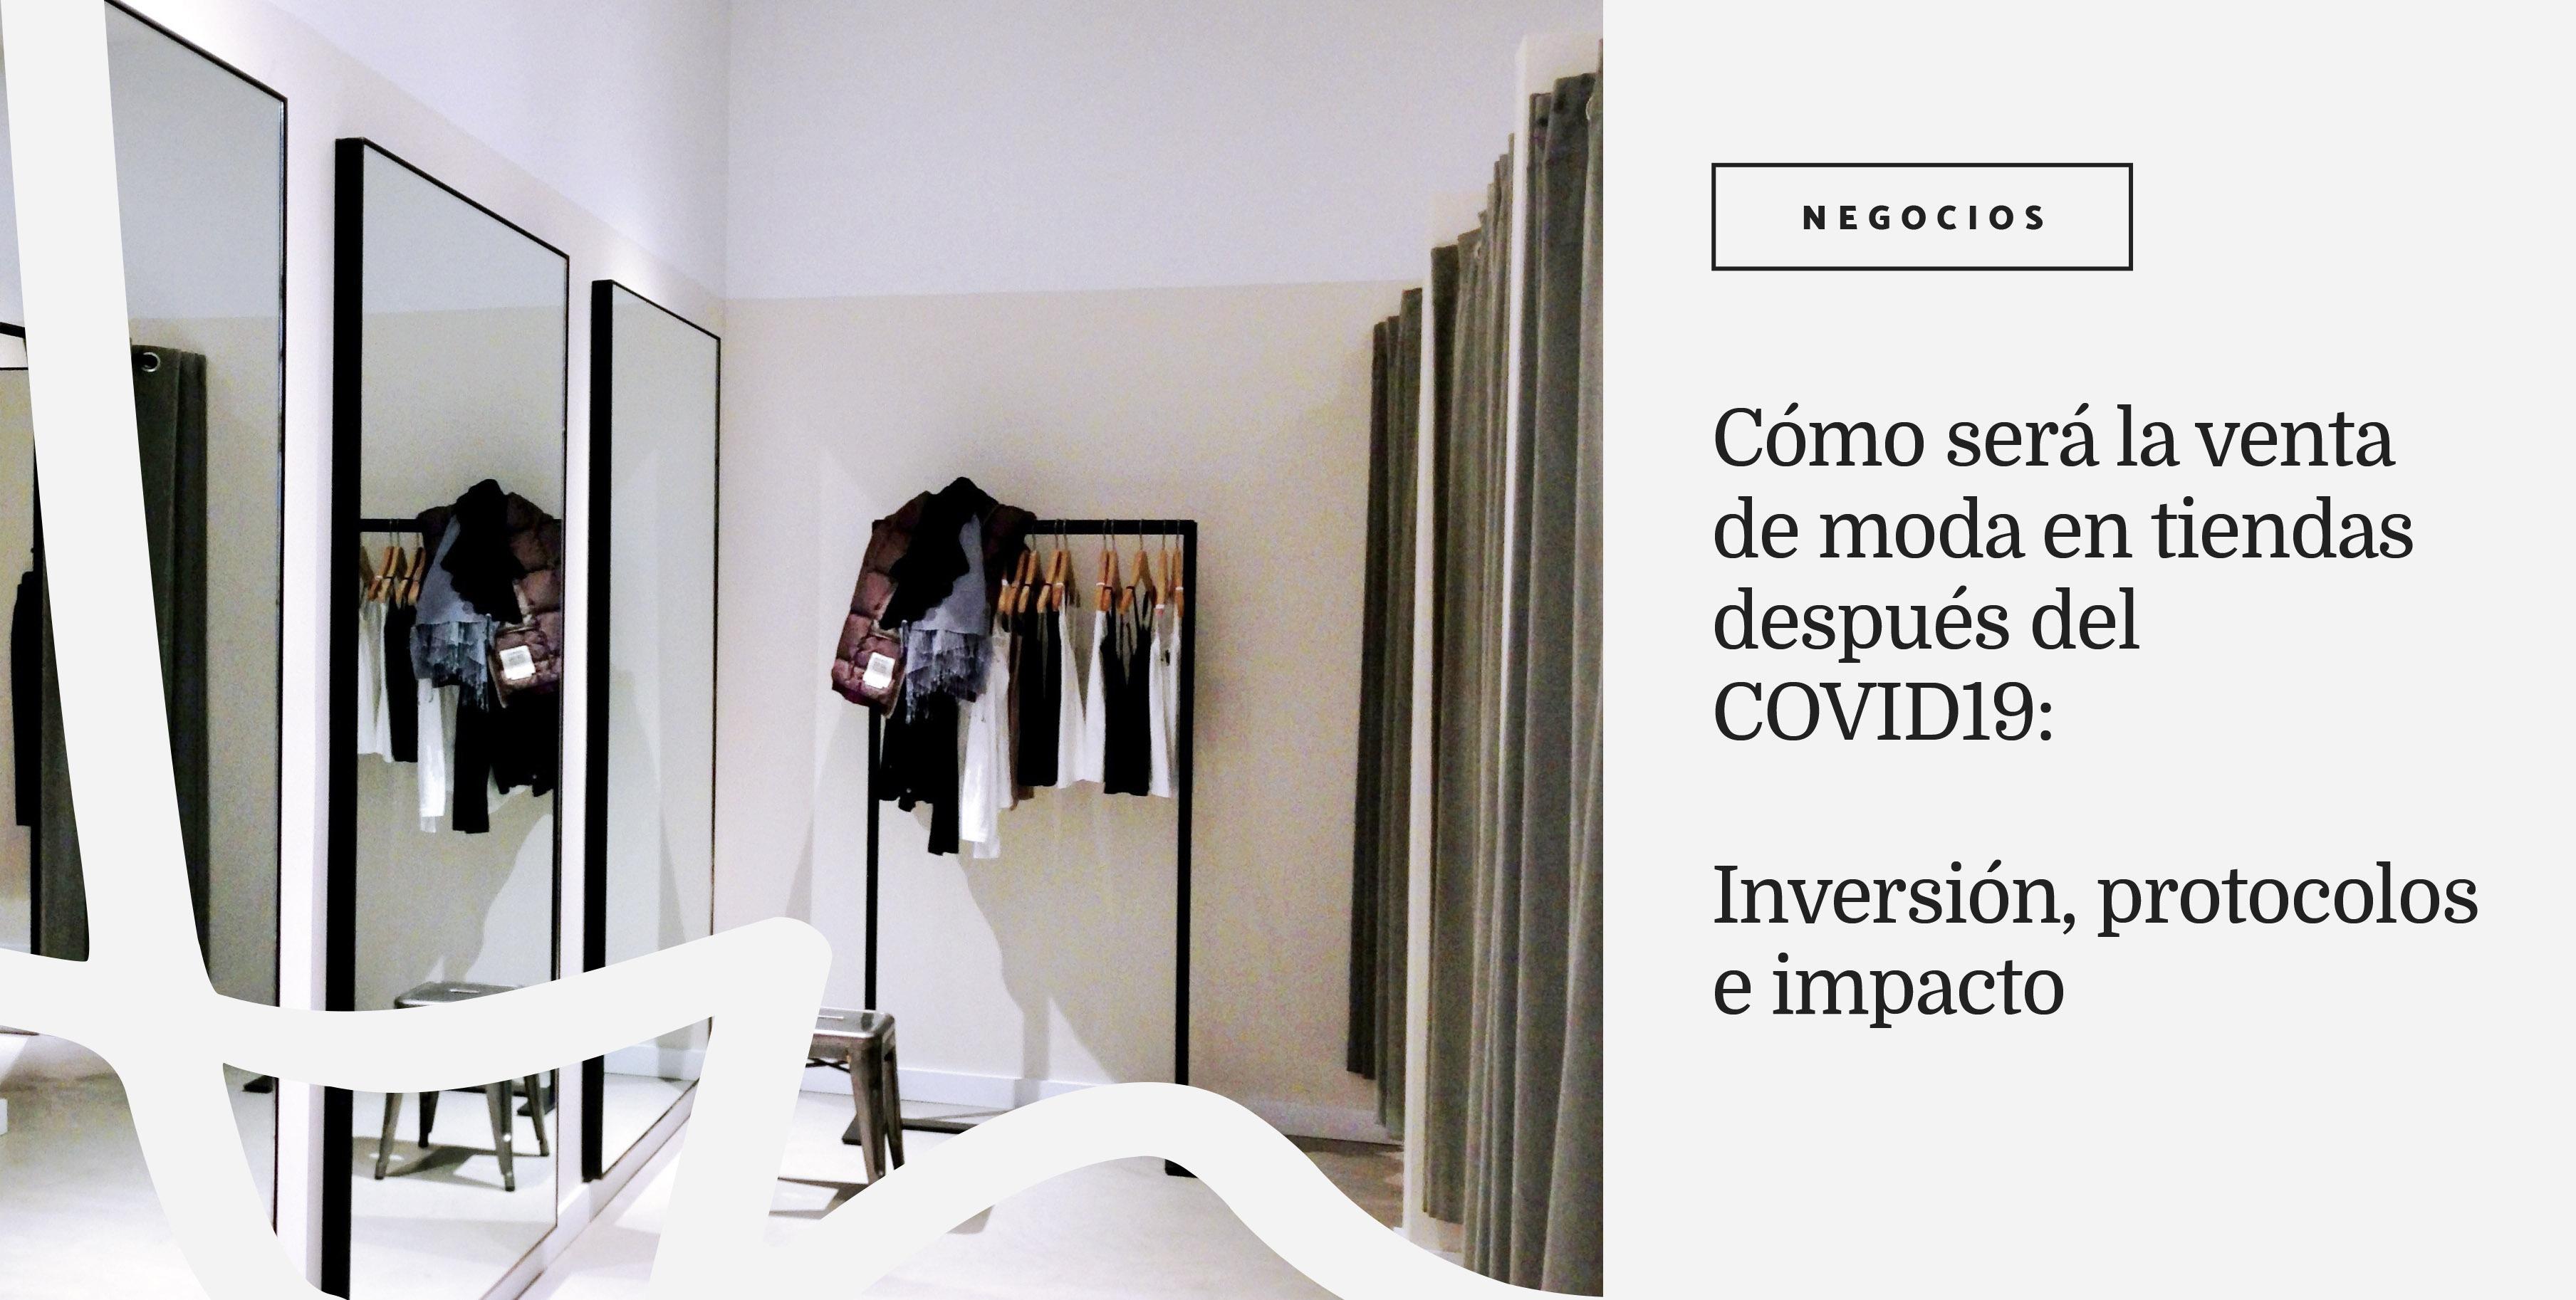 https://www.123emprende.com/emprendimiento/10-casos-de-emprendedores-que-estan-triunfando-en-el-mundo-de-la-moda